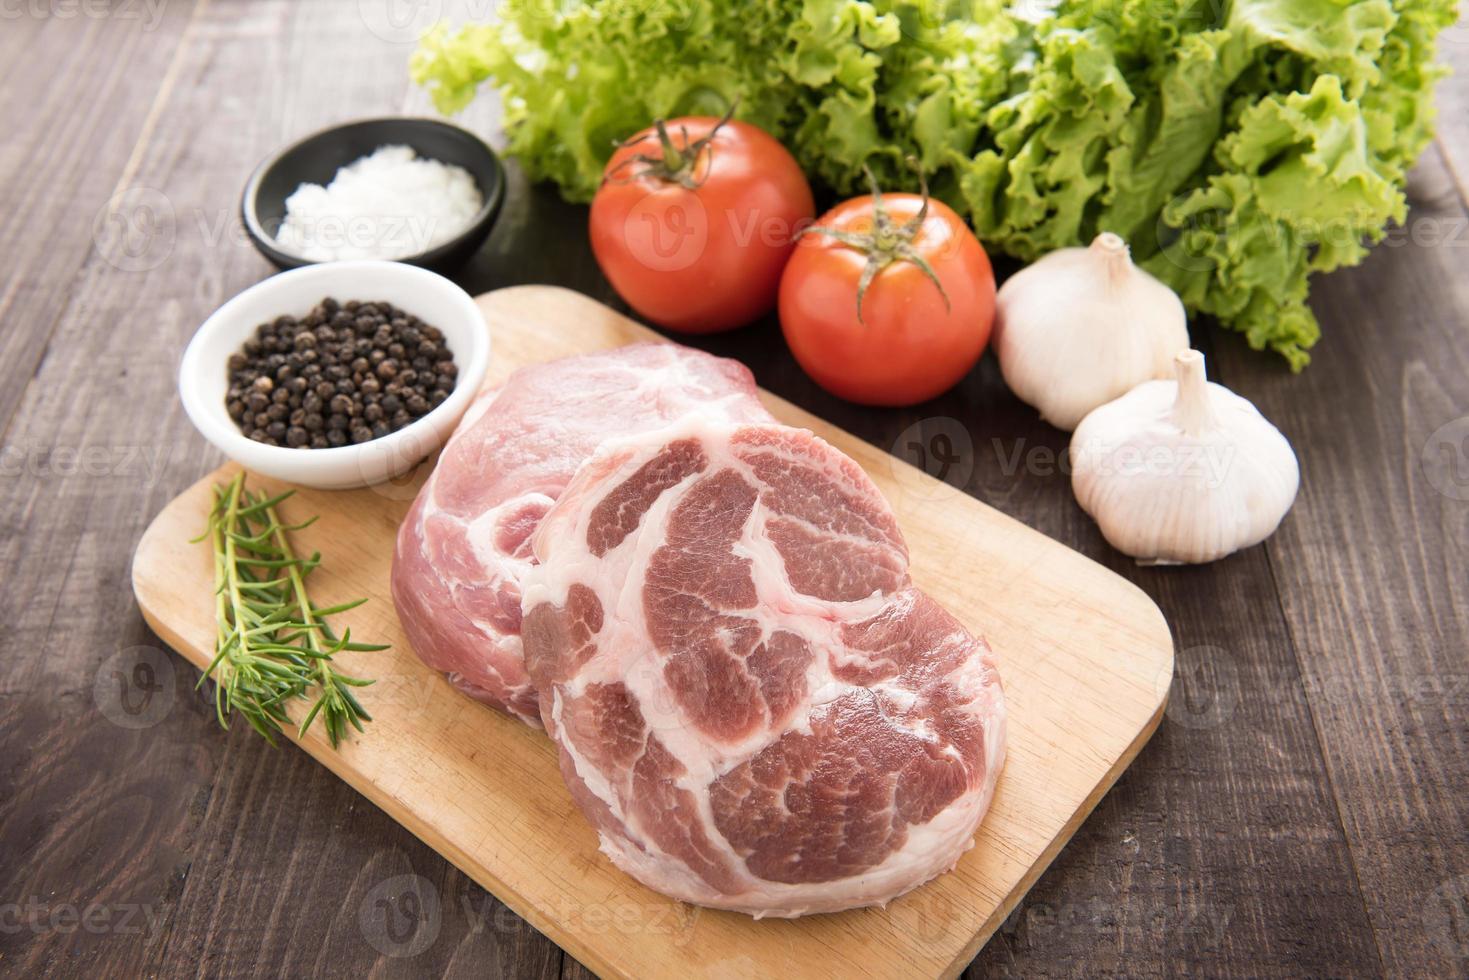 rohes frisches Fleisch und Gemüse auf hölzernem Hintergrund foto